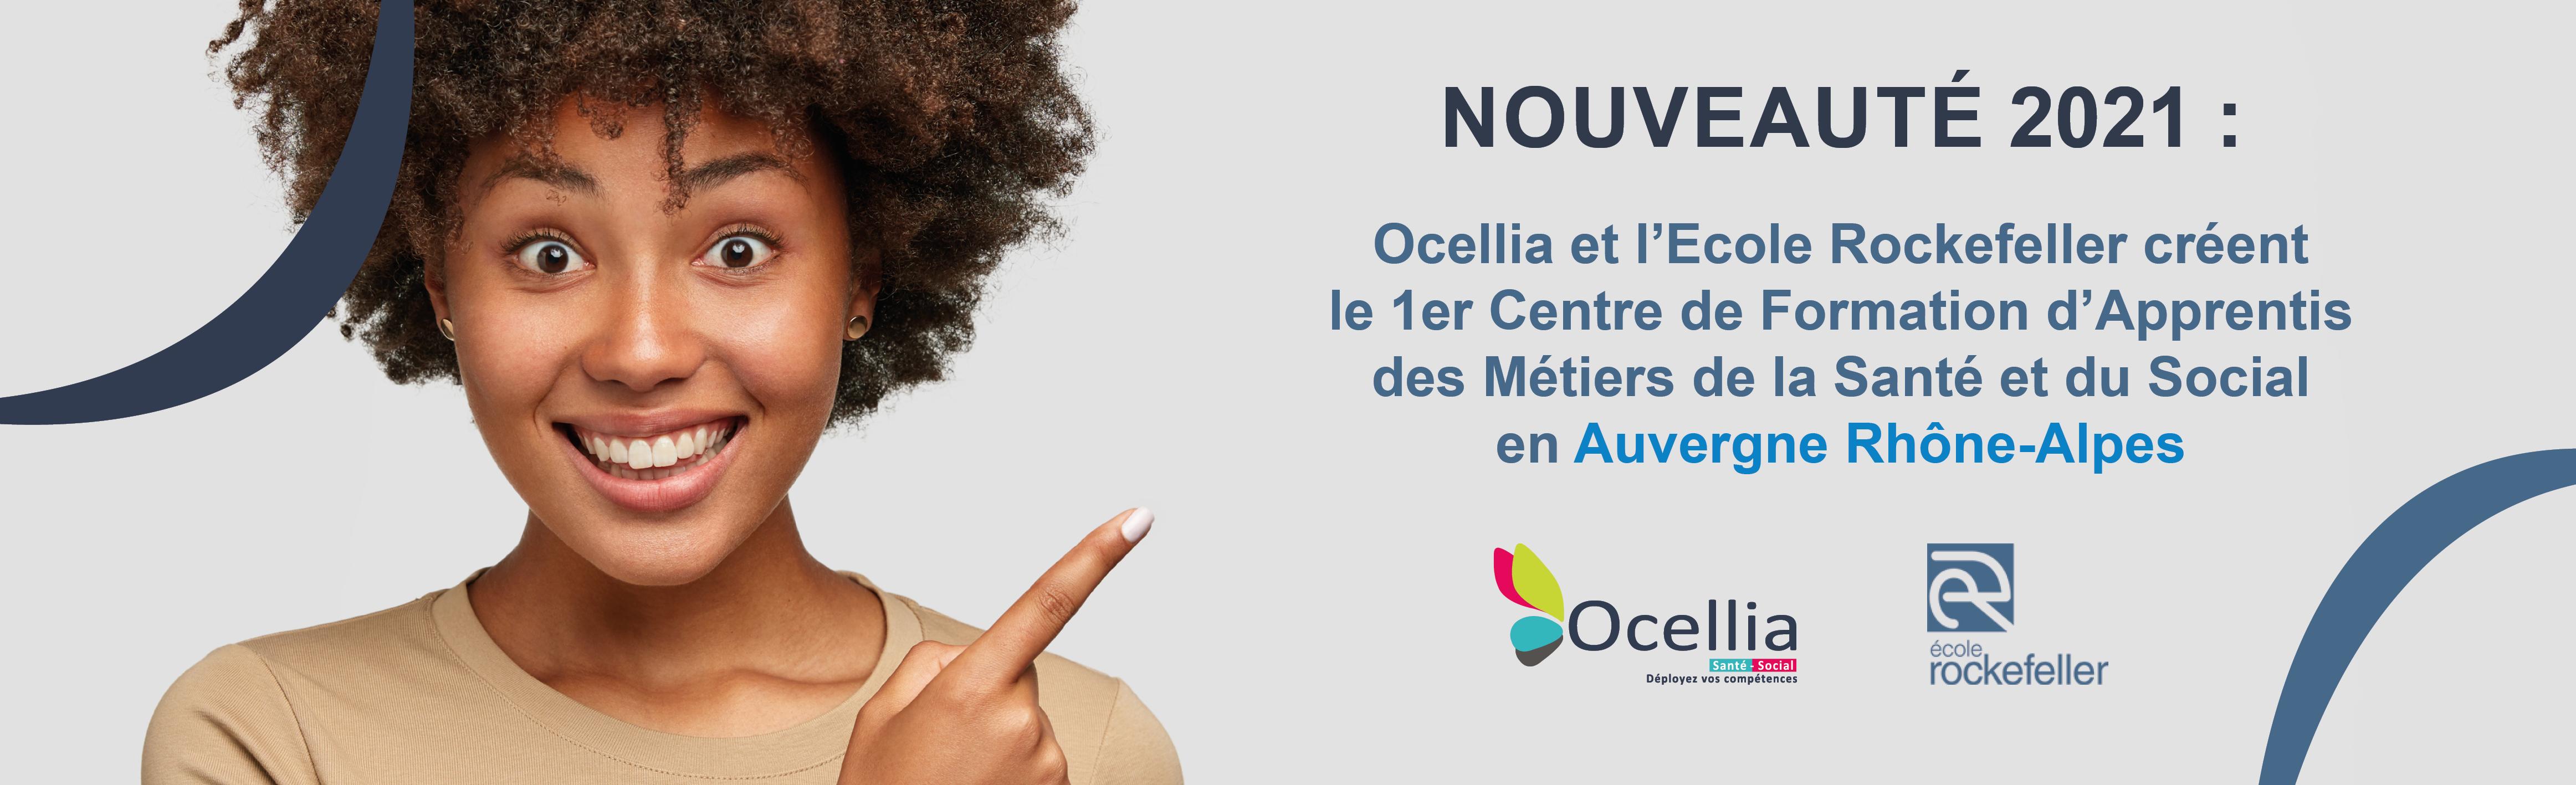 CFA des Métiers de la Santé et du Social Auvergne - Rhône - Alpes